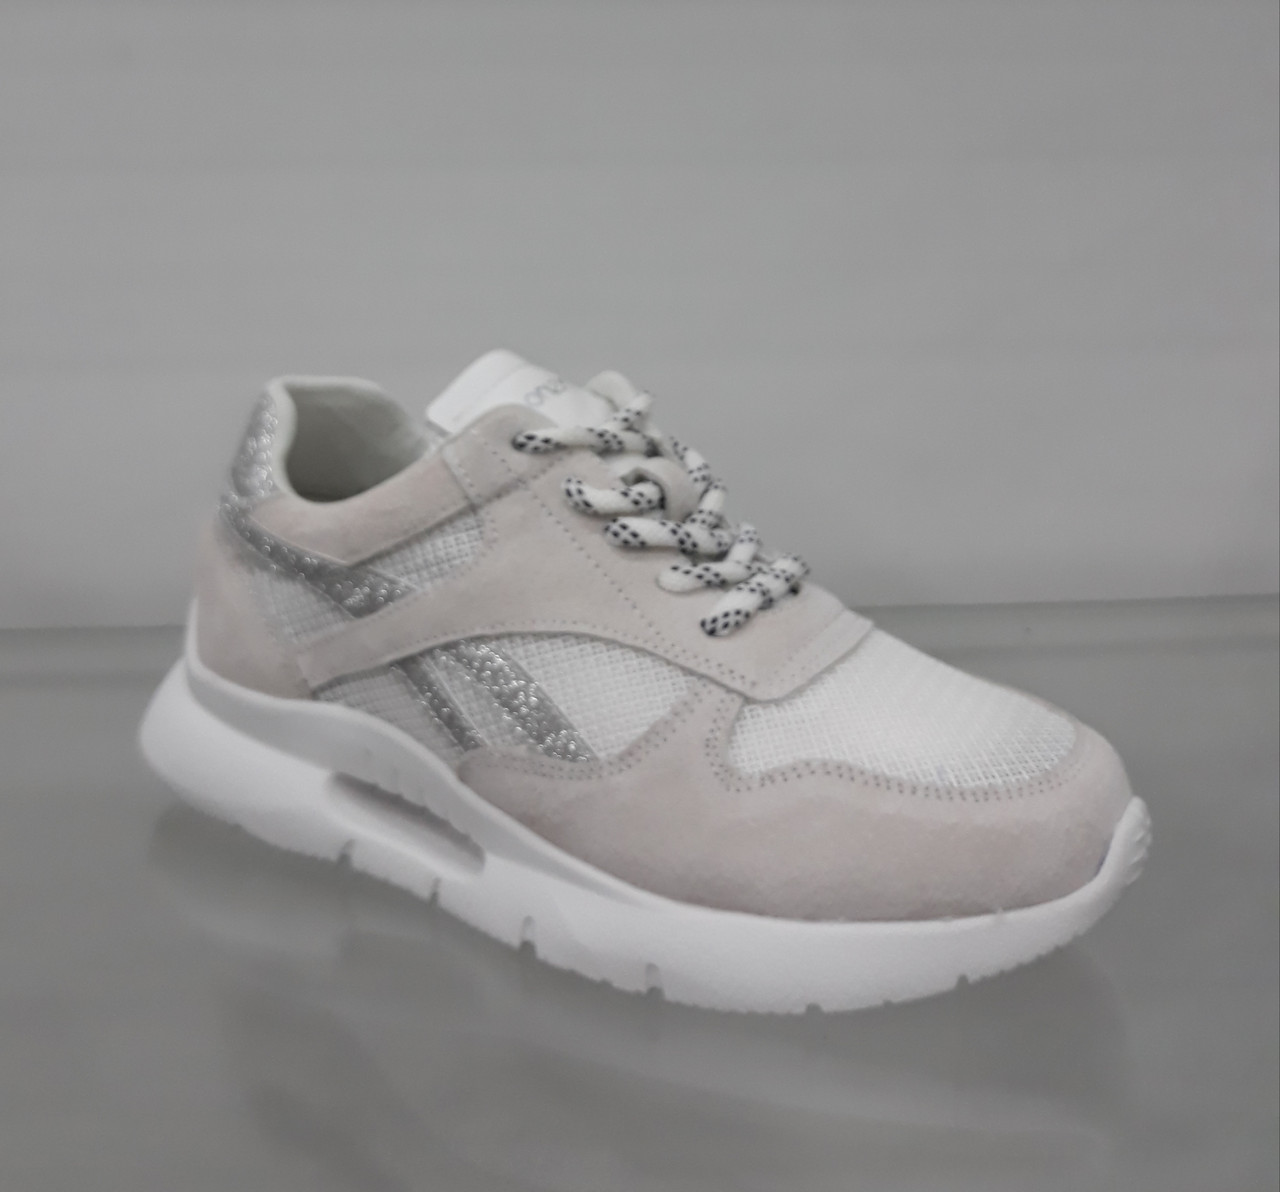 9b577205c ... Женские серые замшевые весенние кроссовки на оригинальной подошве, ...